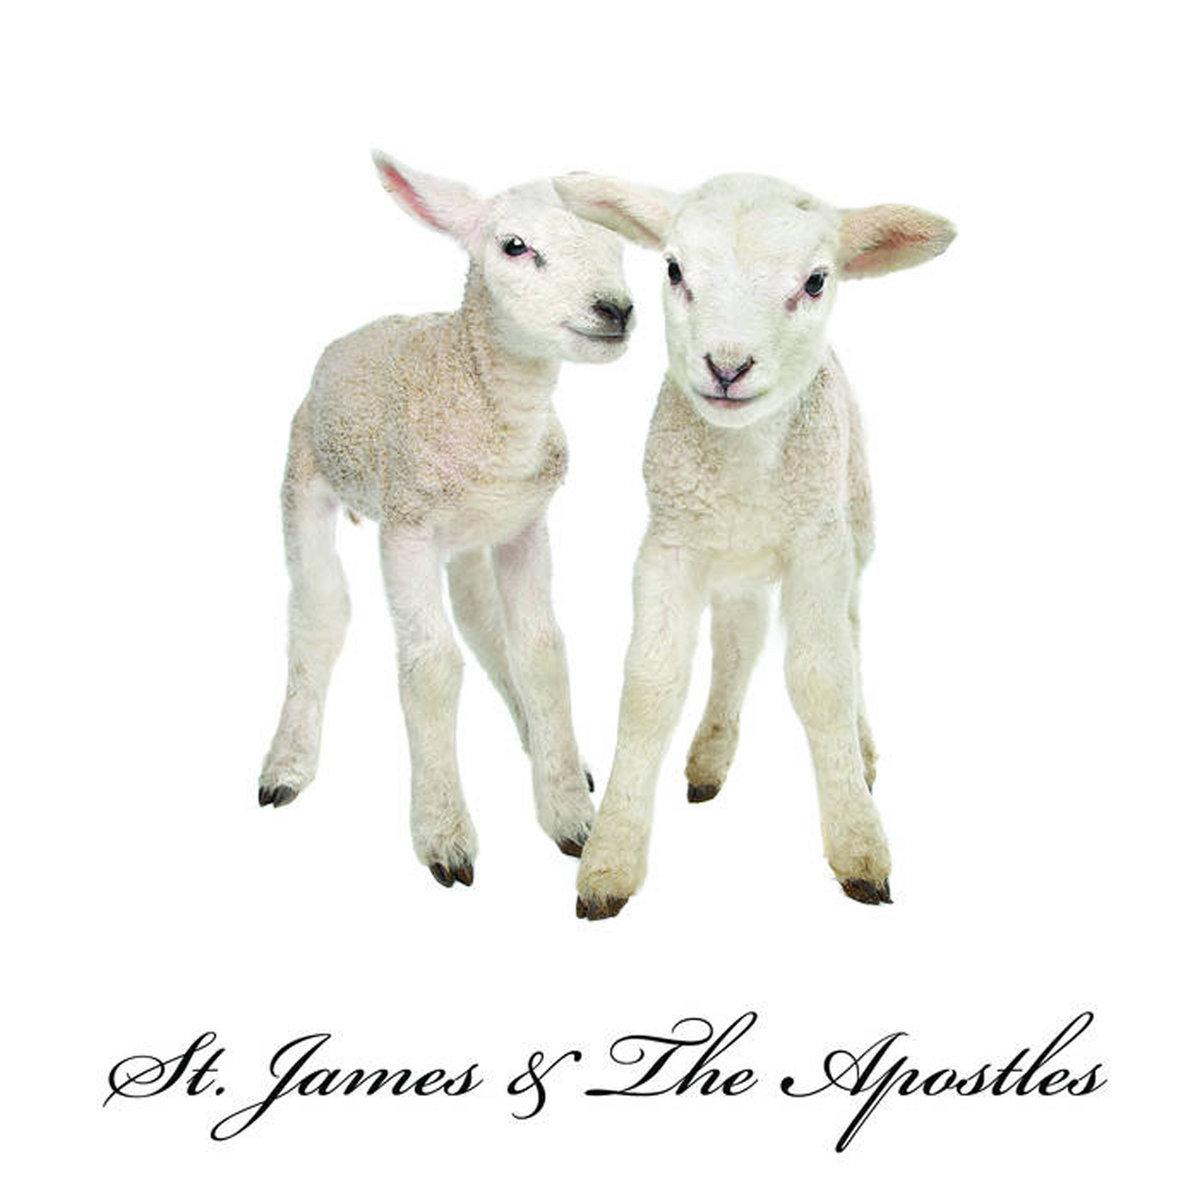 Via dolorosa | st. James & the apostles.